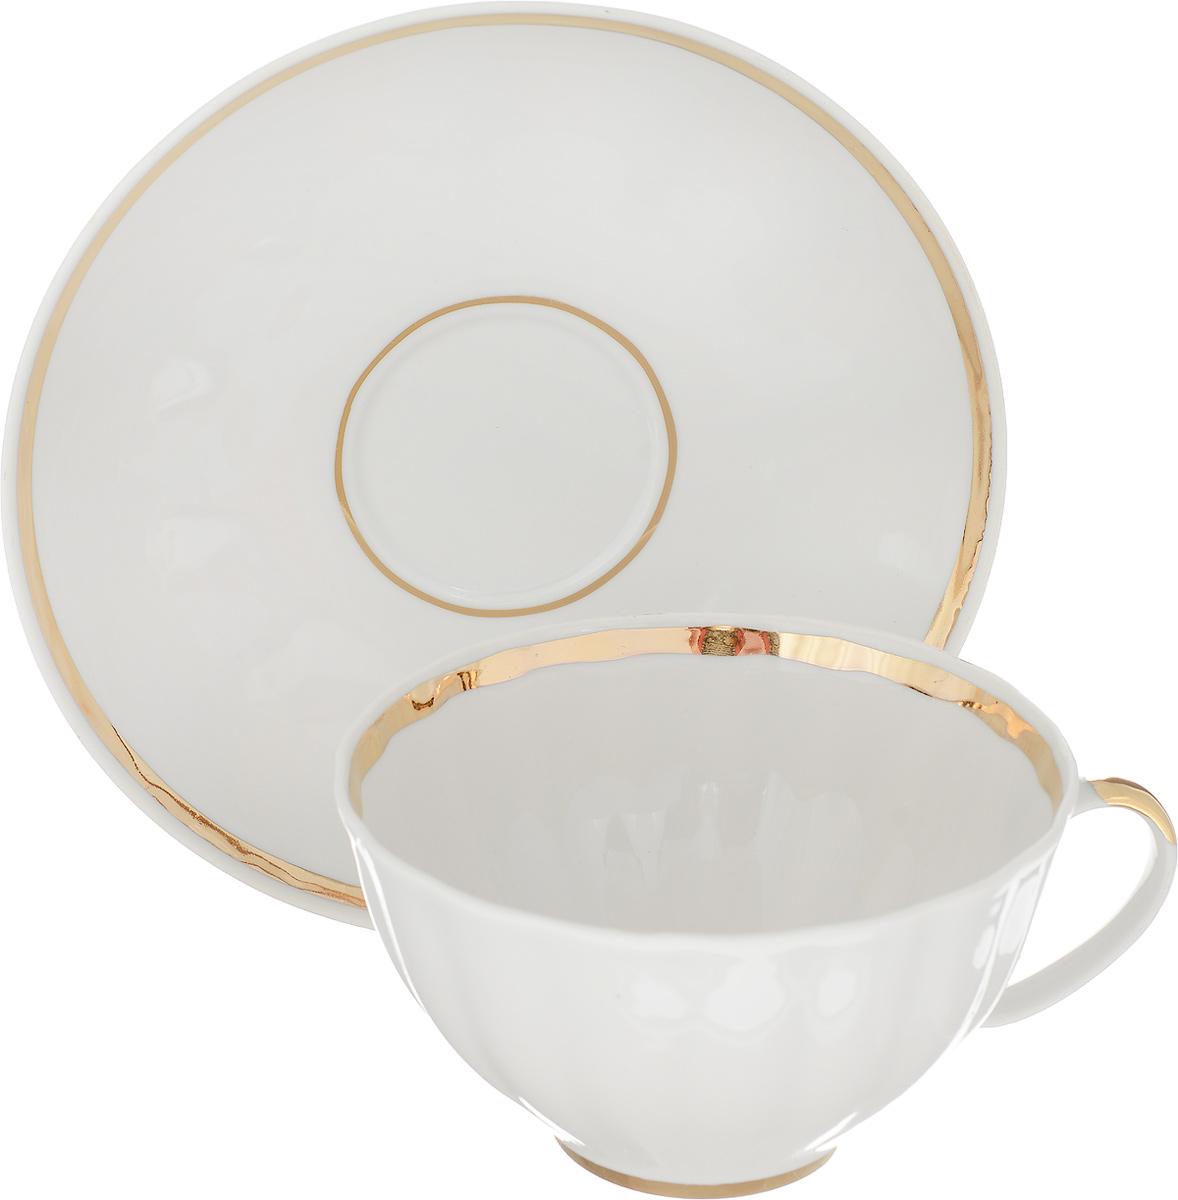 Чашка чайная Дулевский Фарфор Белый лебедь. Московский с лентой, с блюдцем, 275 мл017442Чашка чайная с блюдцемвыполнены из высококачественного фарфора. Посуда из такого материала позволяет сохранить истинный вкуснапитка, а также помогает ему дольше оставаться теплым.В комплект входит блюдце. Такойнабор идеально подойдет для чая и придется по вкусу ценителям классики, и тем, ктопредпочитает утонченность и изысканность. Объем: 275мл. Форма: Белый лебедь.Серия: Московский.Материал: Фарфор. Производитель: Дулевский Фарфоровый Завод.